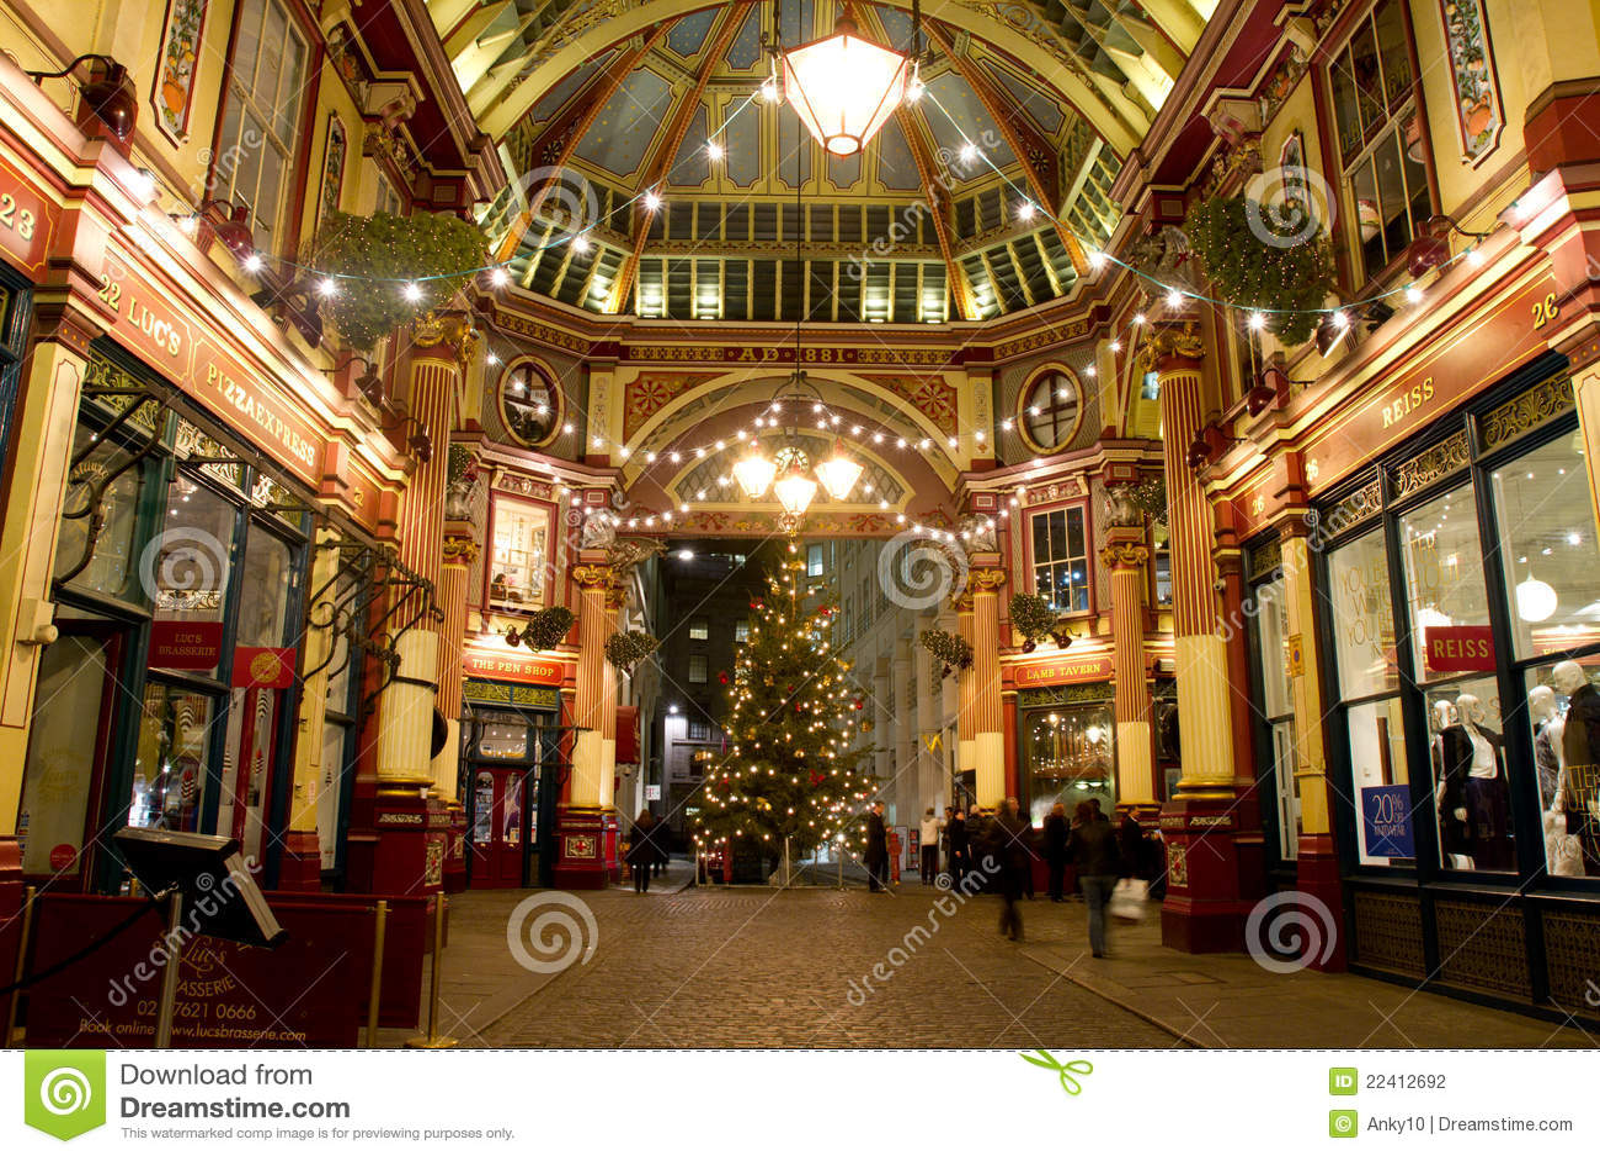 #B24519 Décorations De Noël à Londres Photographie éditorial  5317 decorations de noel a londres 1300x957 px @ aertt.com